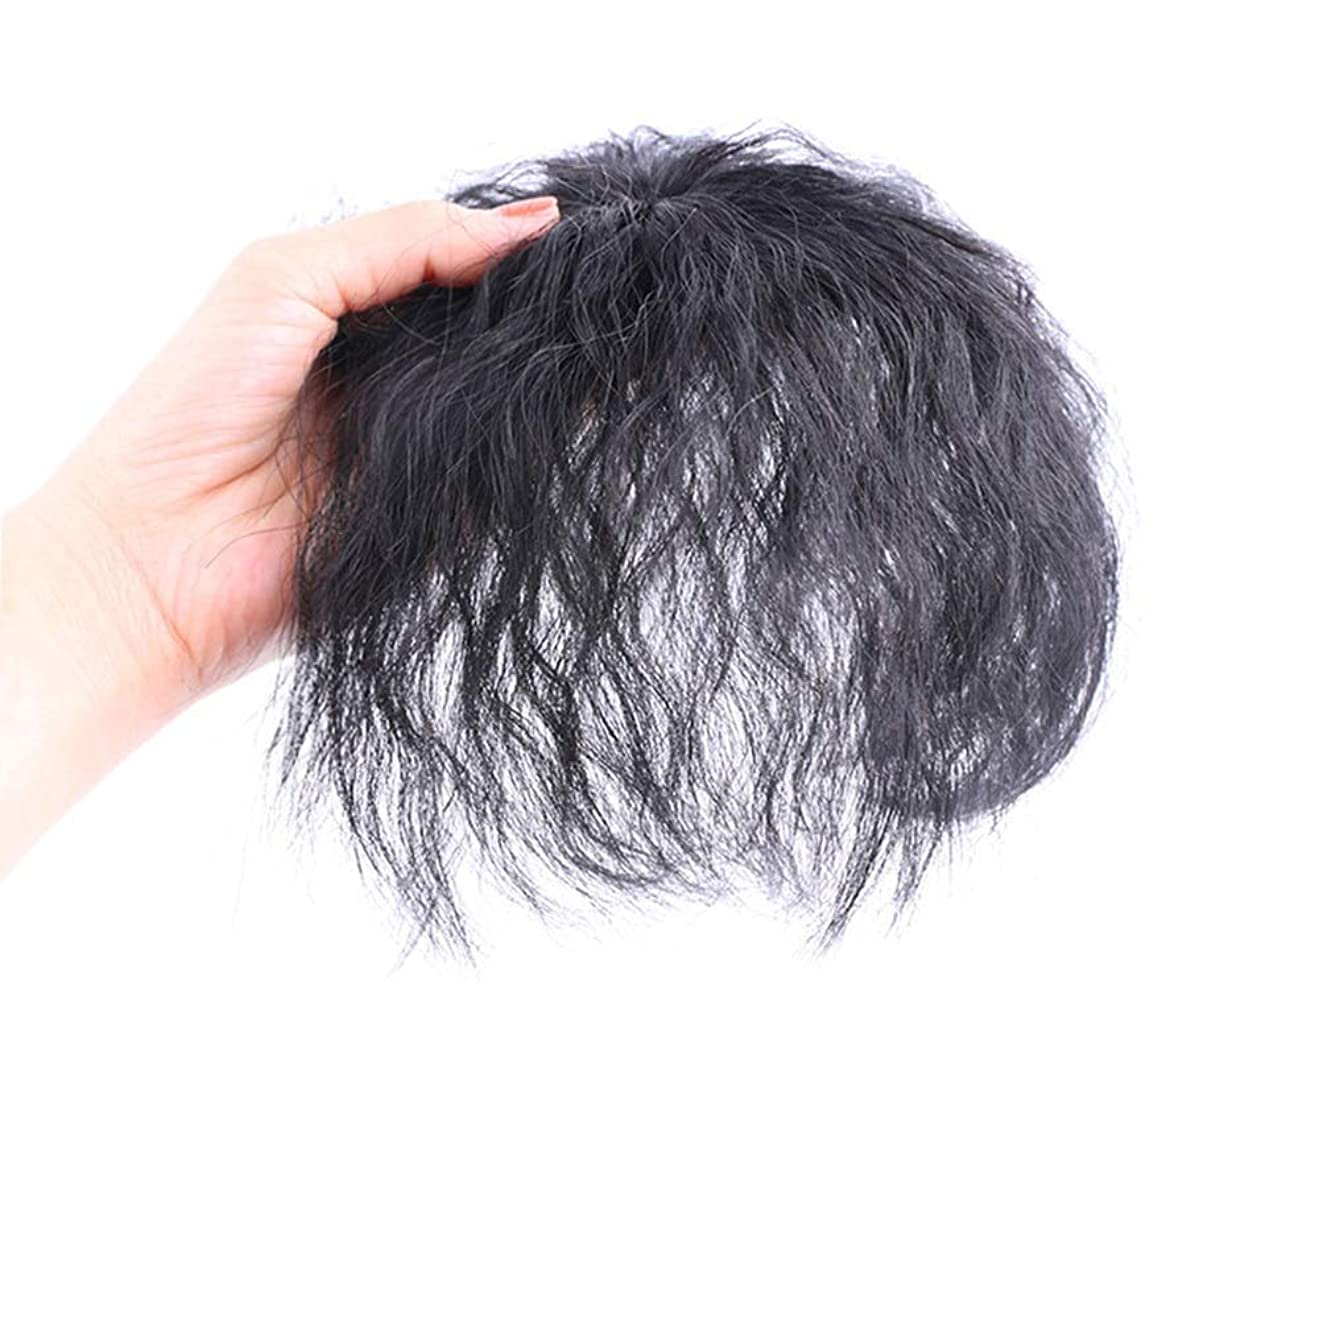 同僚ハムよりMayalina ヘアエクステンションコーンの短い巻き毛の中年の母親のかつらパーティーのかつらでリアルヘアクリップ (色 : Natural black)